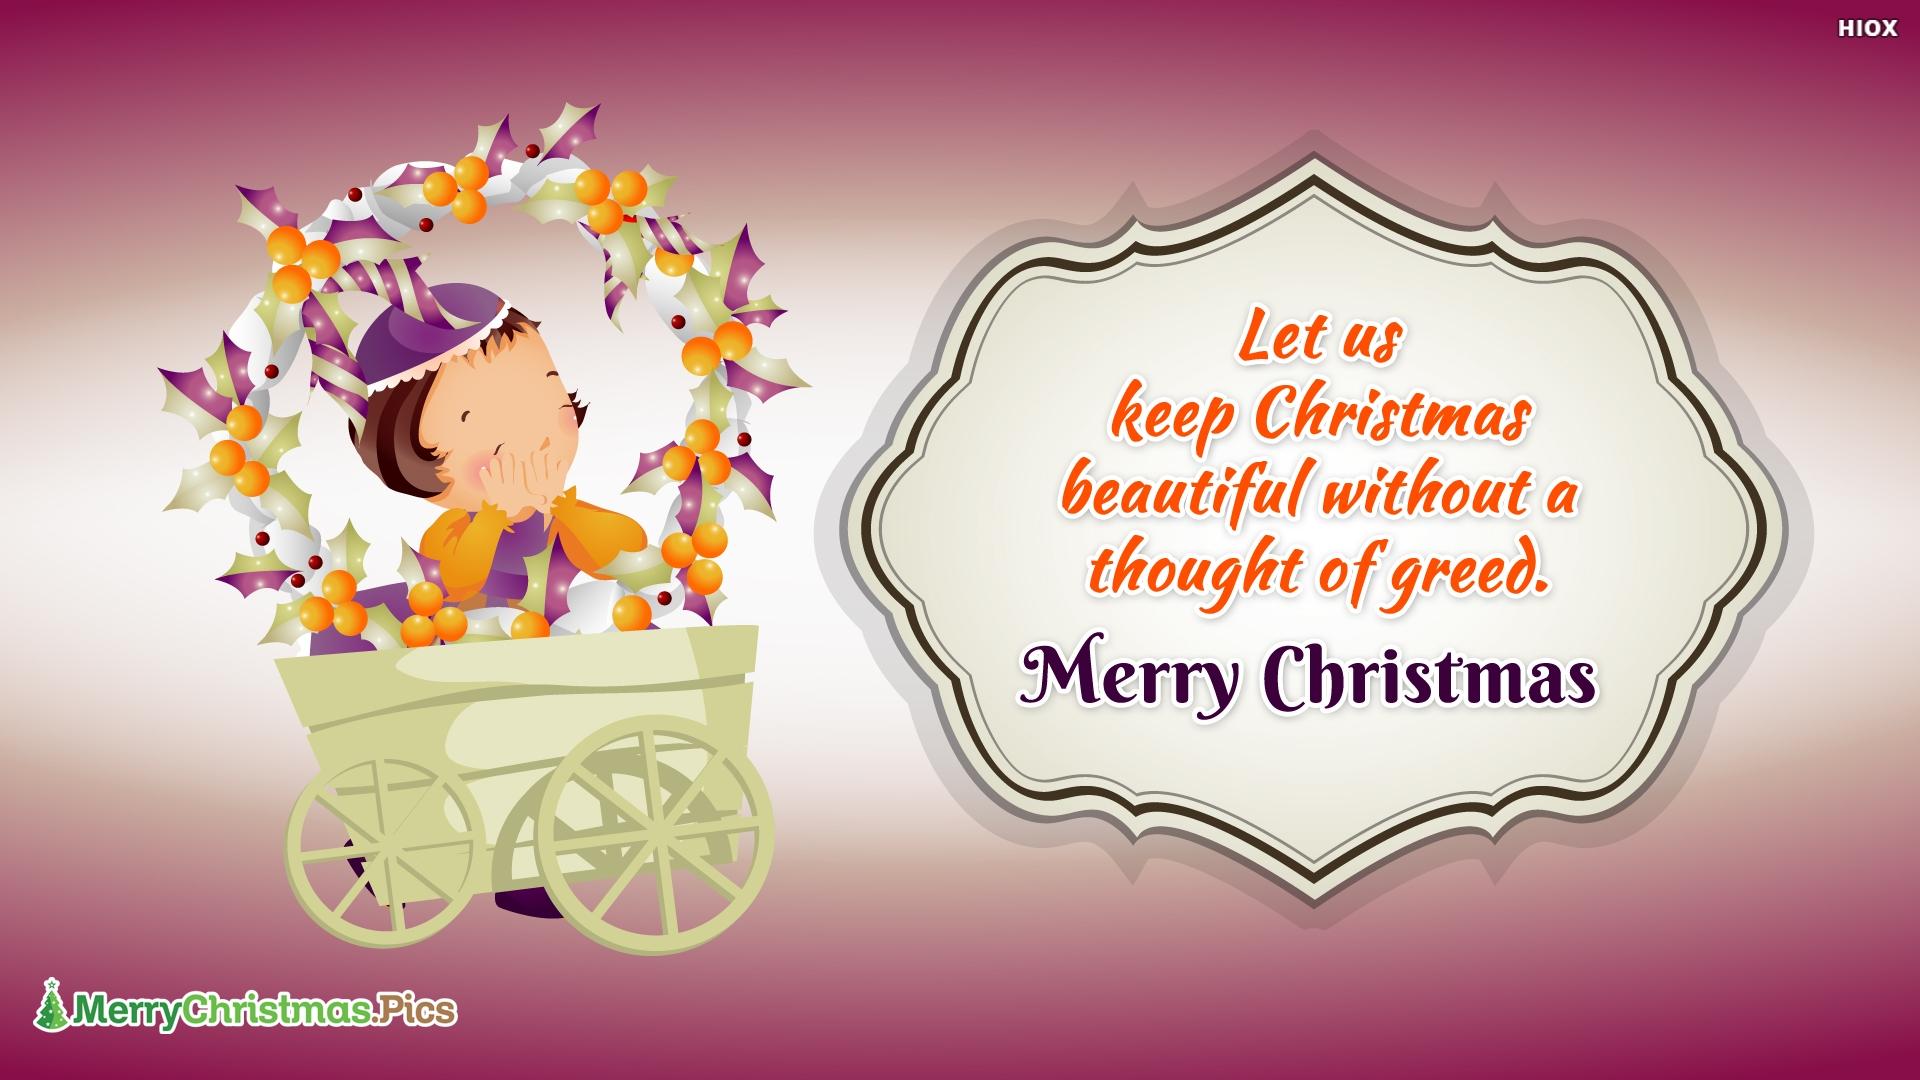 Merry Christmas Image HD